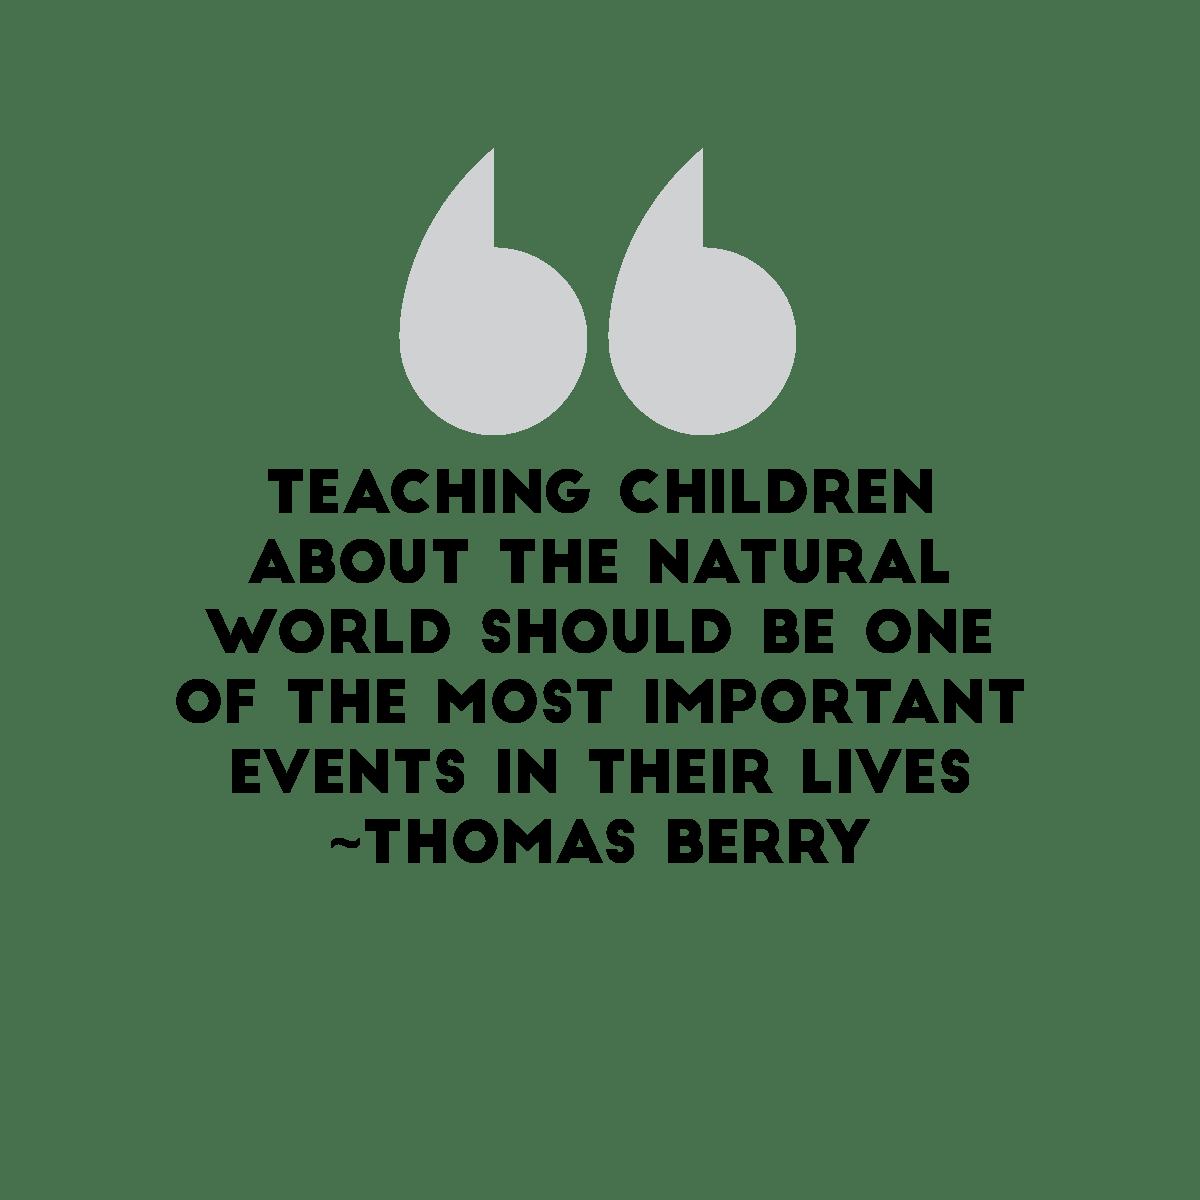 thomas berry quote